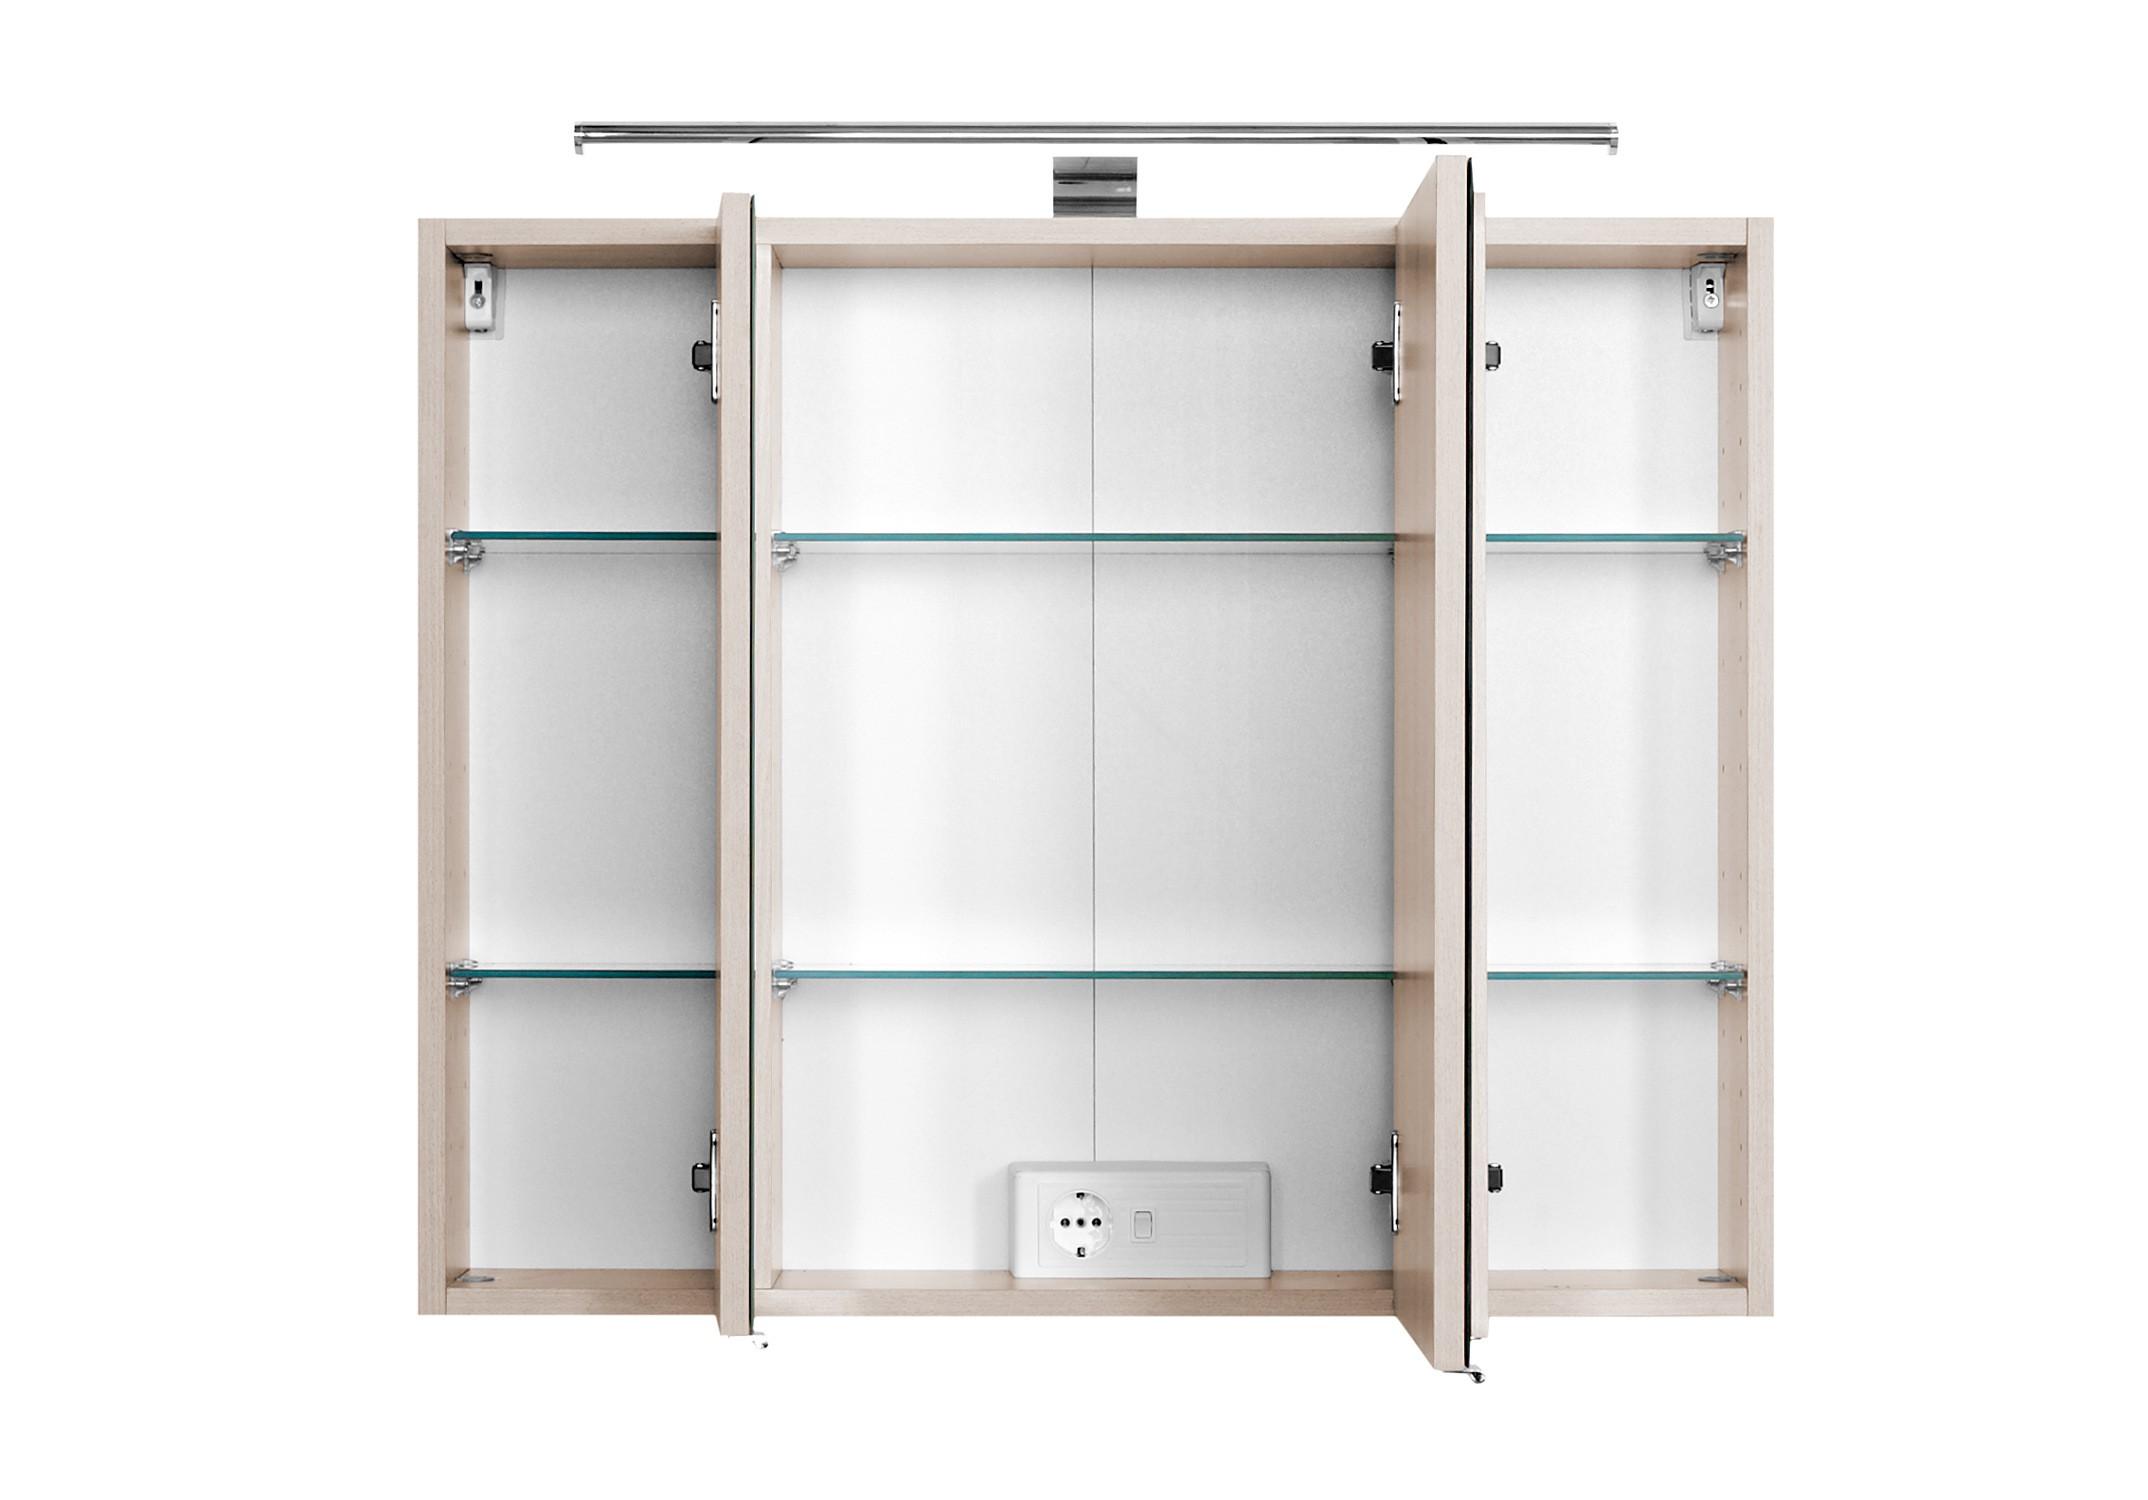 badm bel set belluno mit waschtisch 7 teilig 160 cm breit buche iconic mit. Black Bedroom Furniture Sets. Home Design Ideas